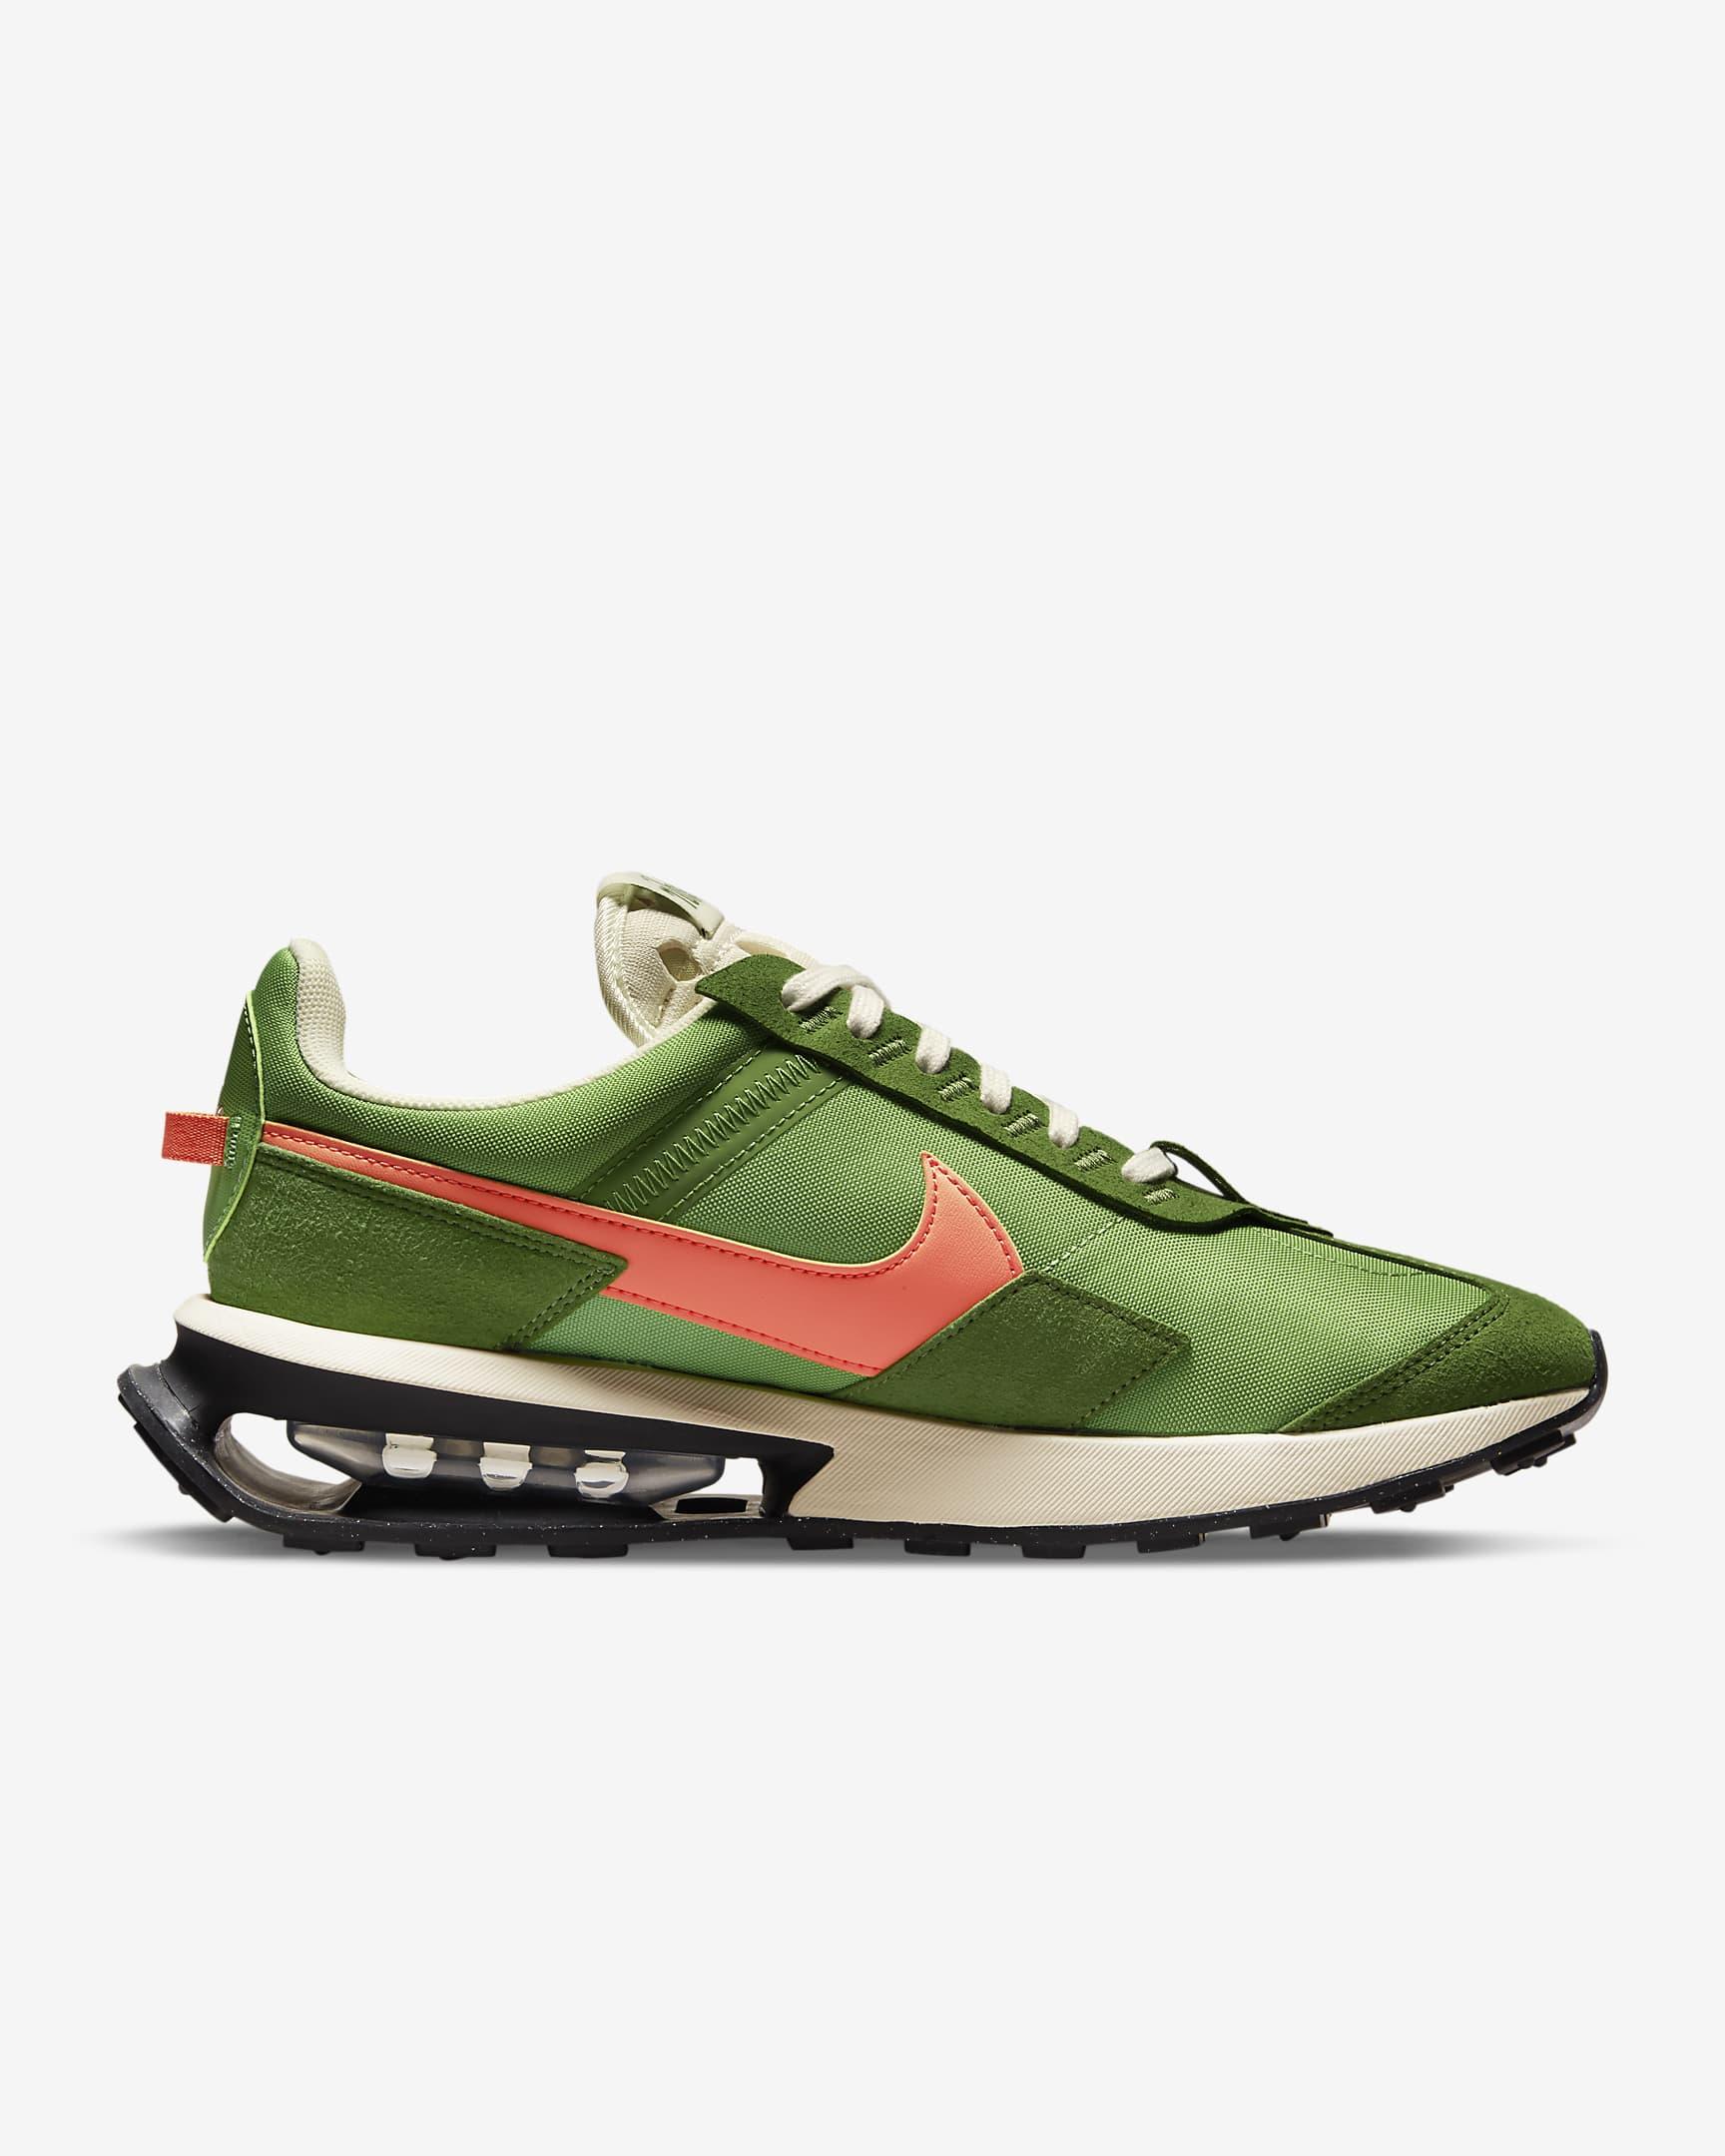 Pánská kolekce sportovní udržitelné obuvi Nike obsahuje zajímavé modely